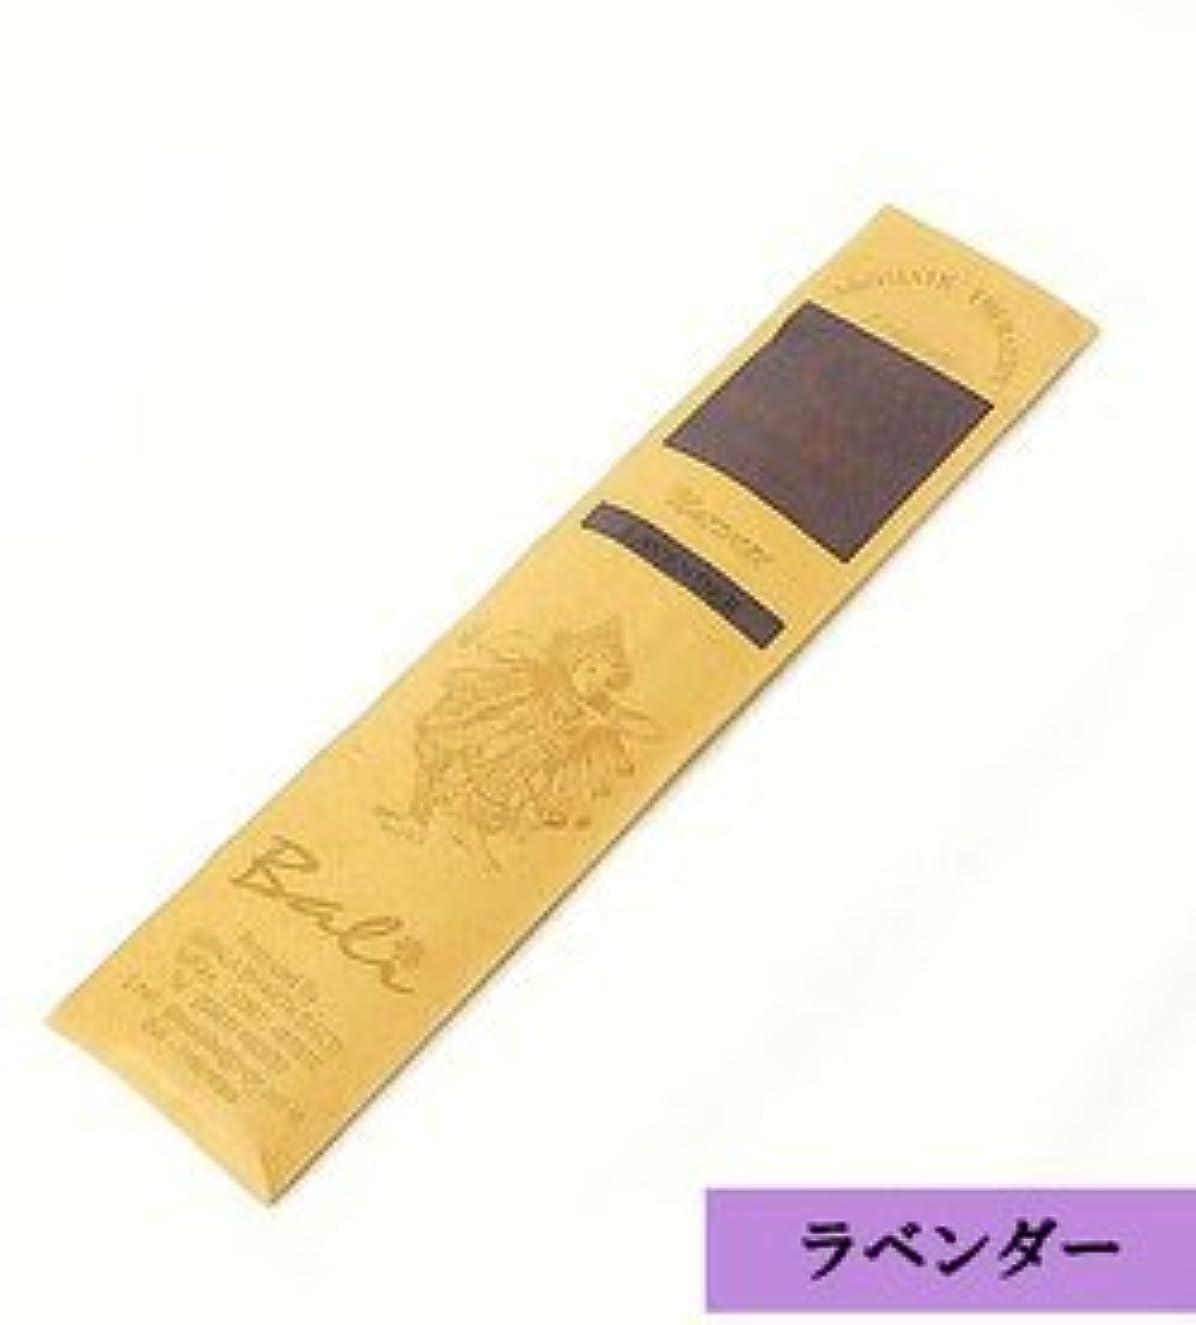 贈り物倫理的転用バリのお香 BHAKTA 【ラベンダー】 LAVENDER ロングスティック 20本入り アジアン雑貨